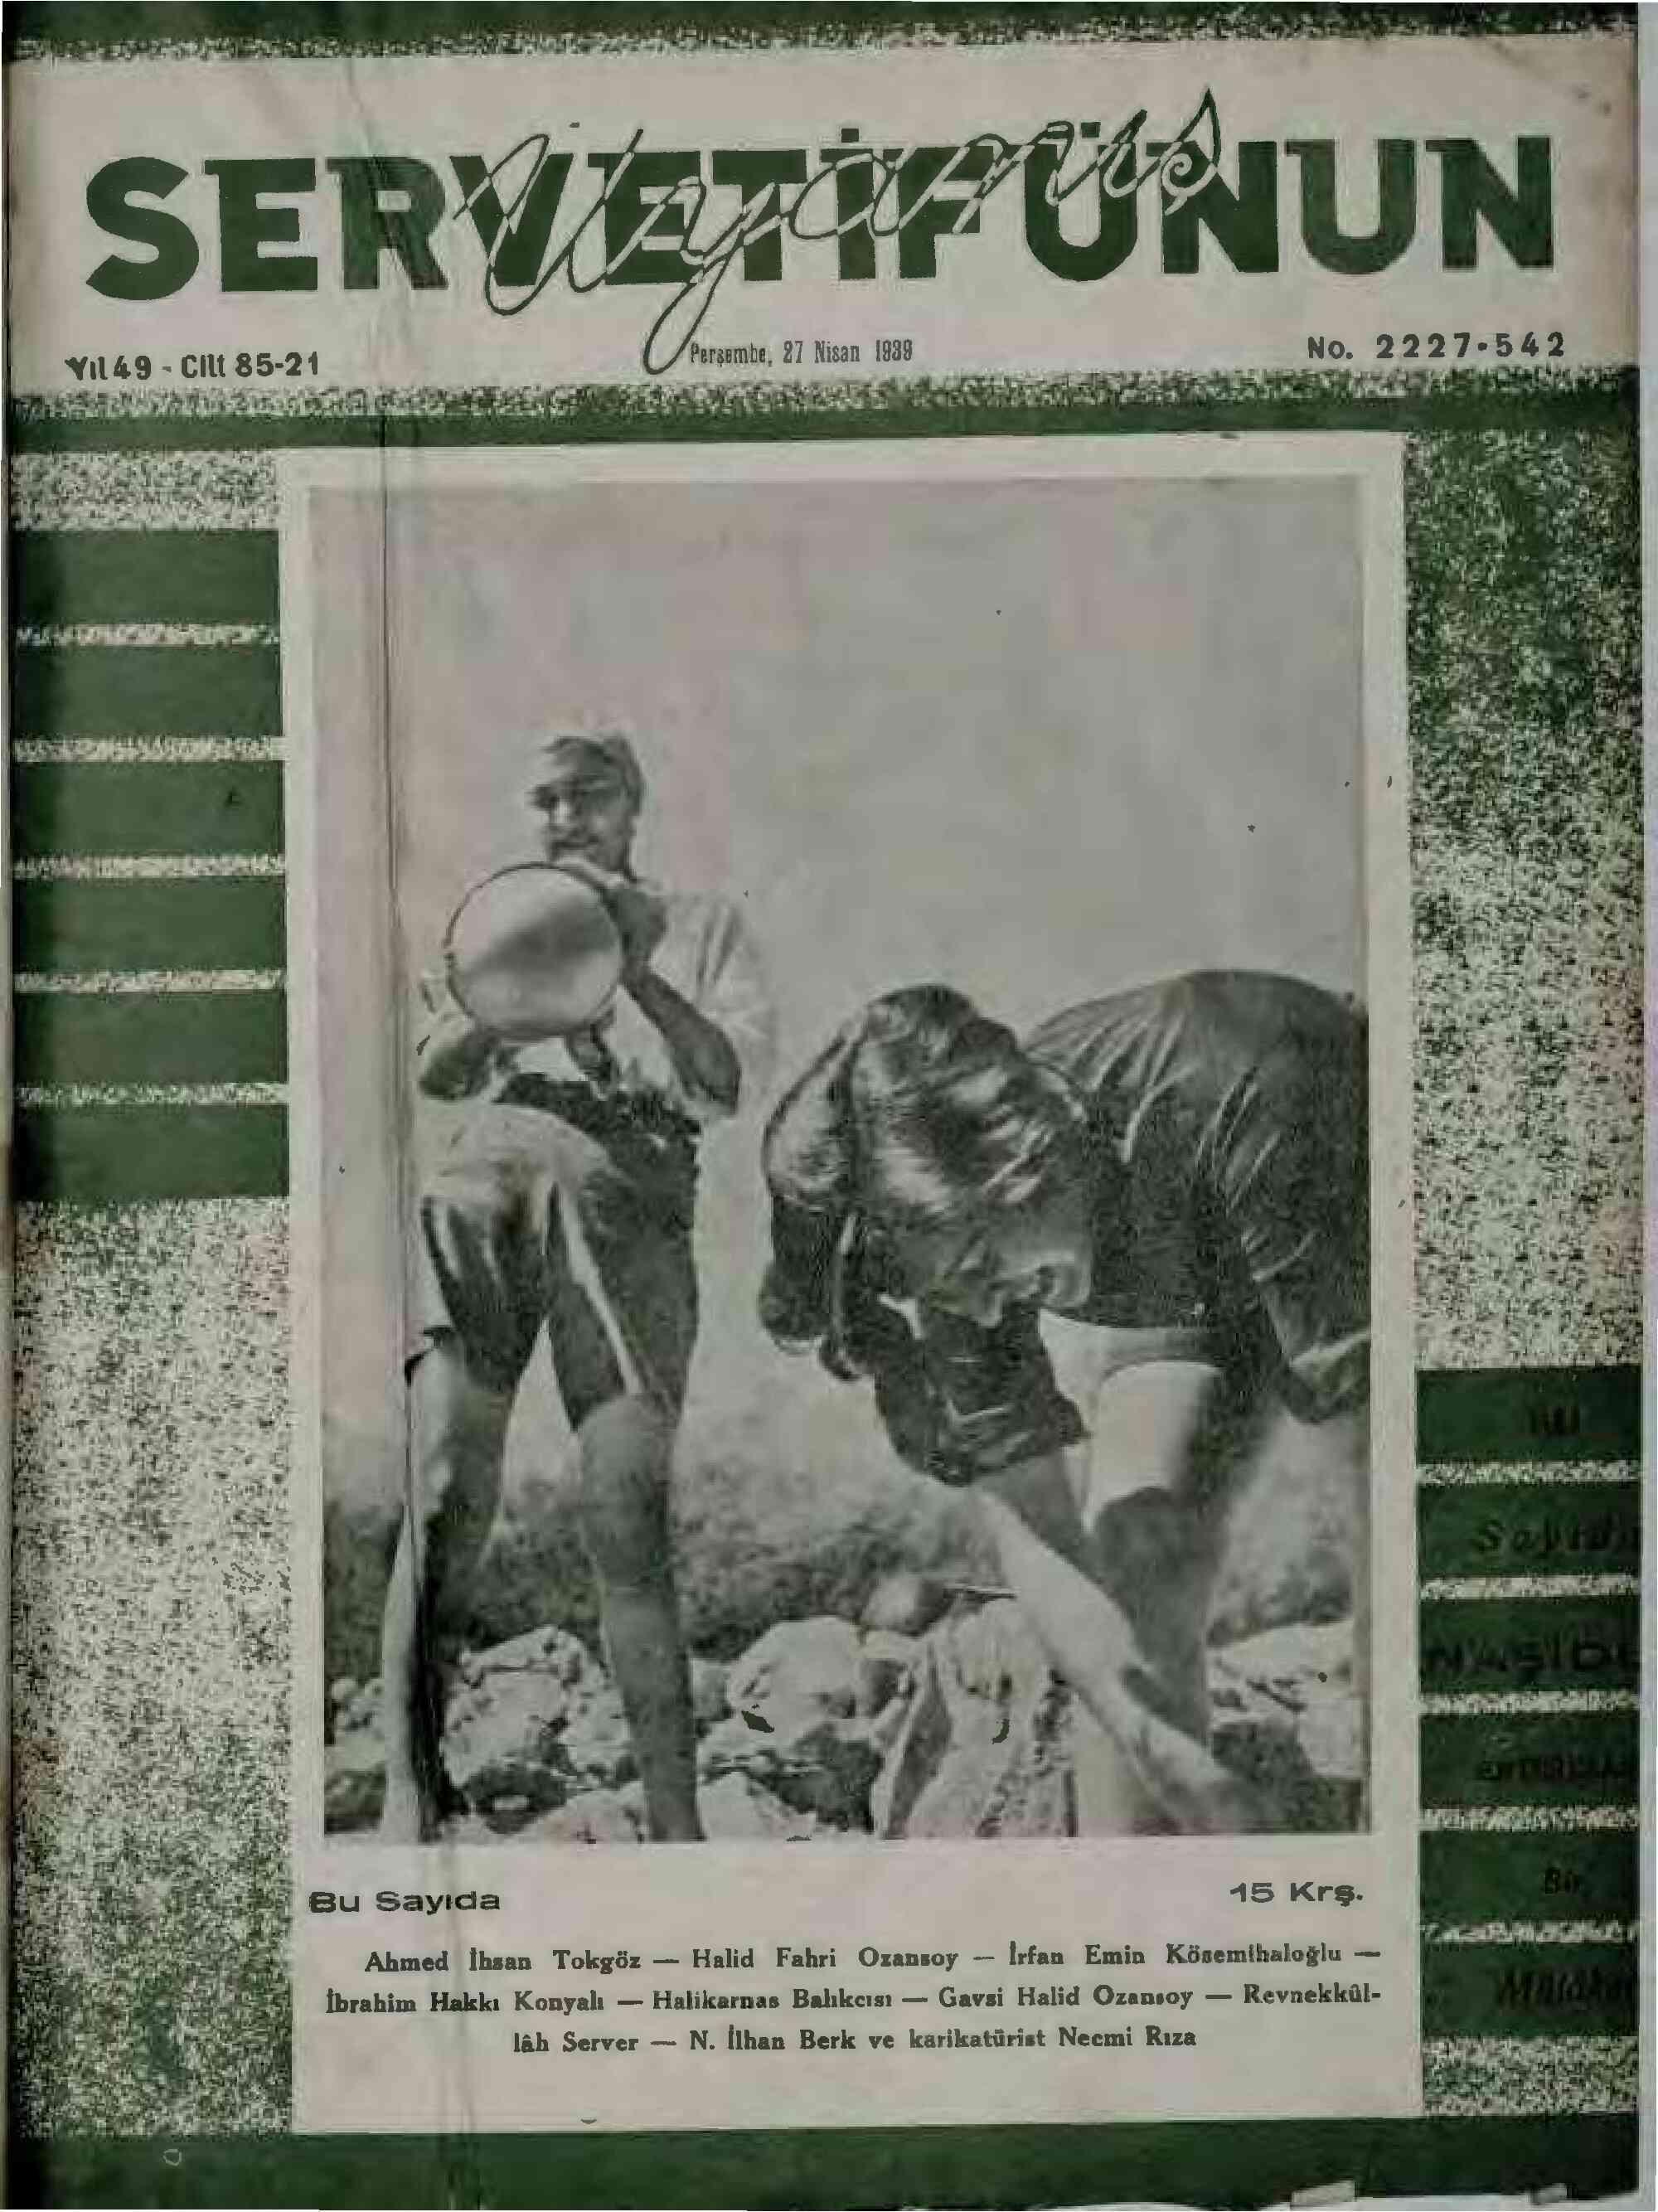 27 Nisan 1939 Tarihli Servetifunun (Uyanış) Dergisi Sayfa 1